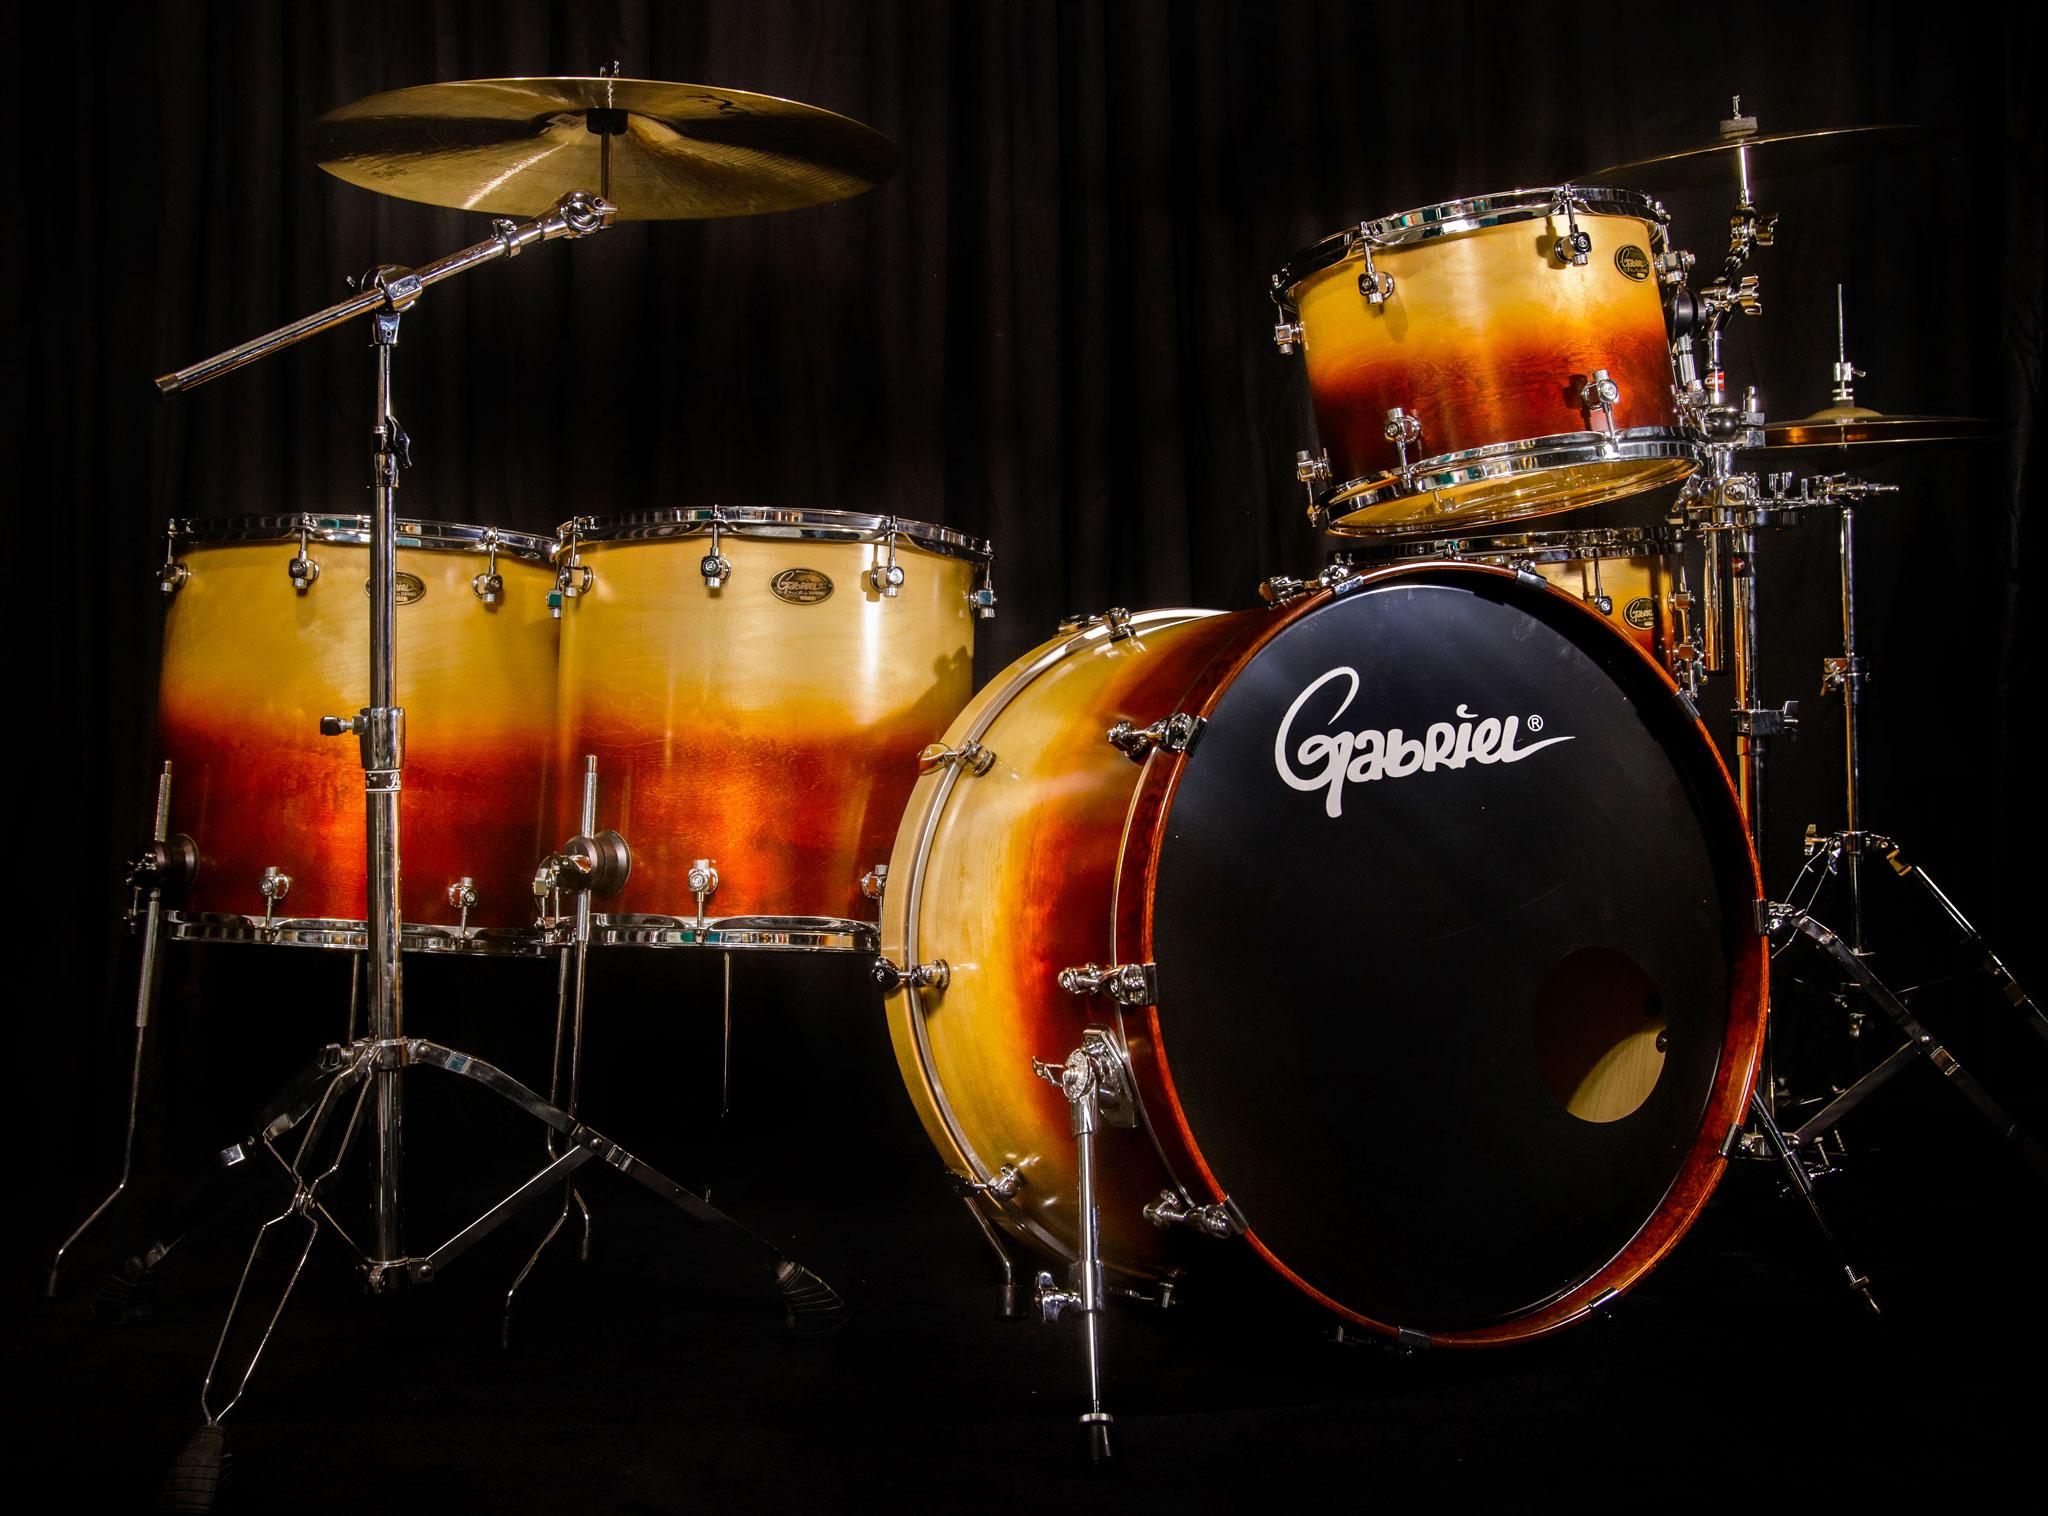 custom handmade drums gabriel drums. Black Bedroom Furniture Sets. Home Design Ideas